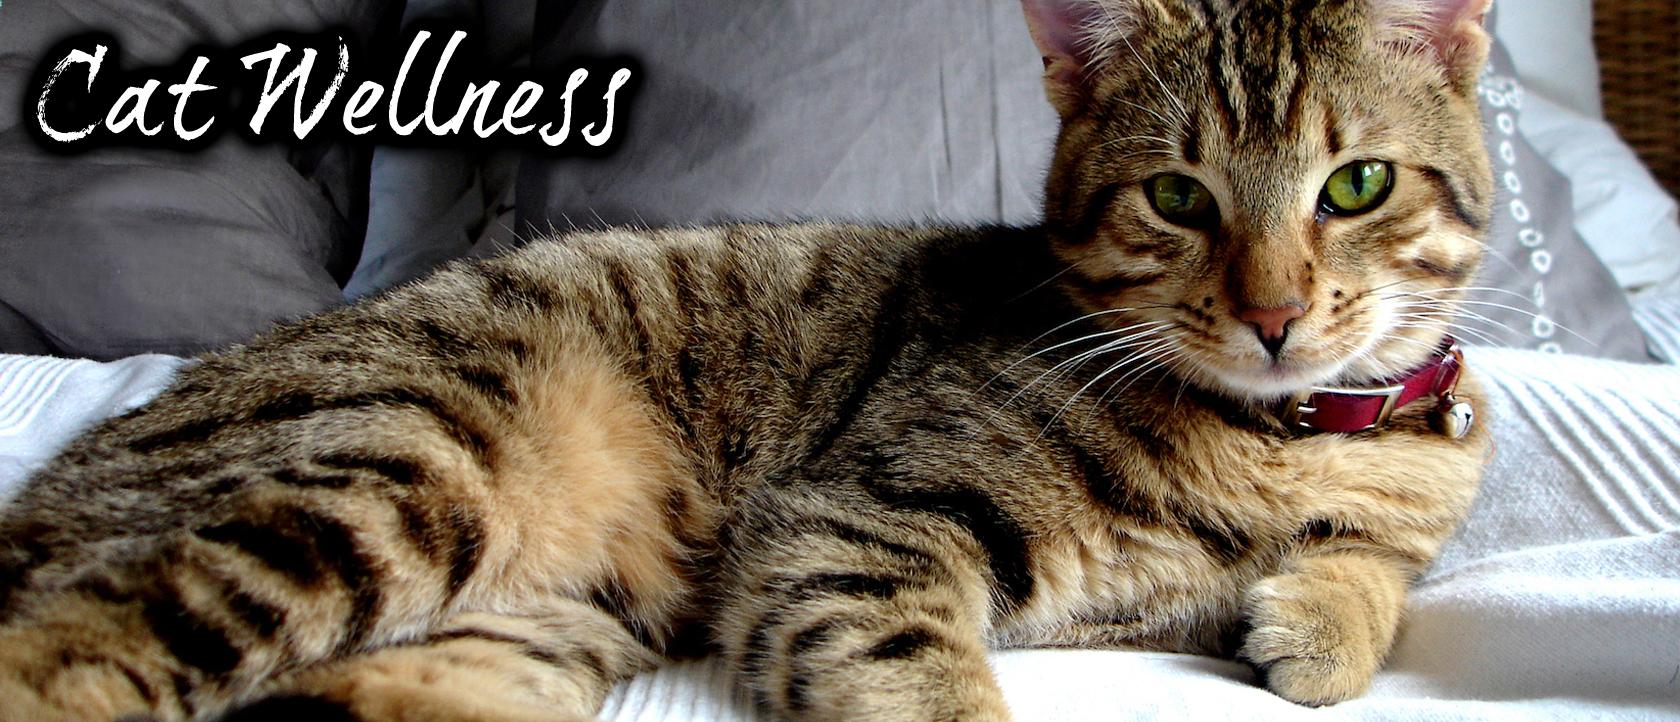 CatWellness